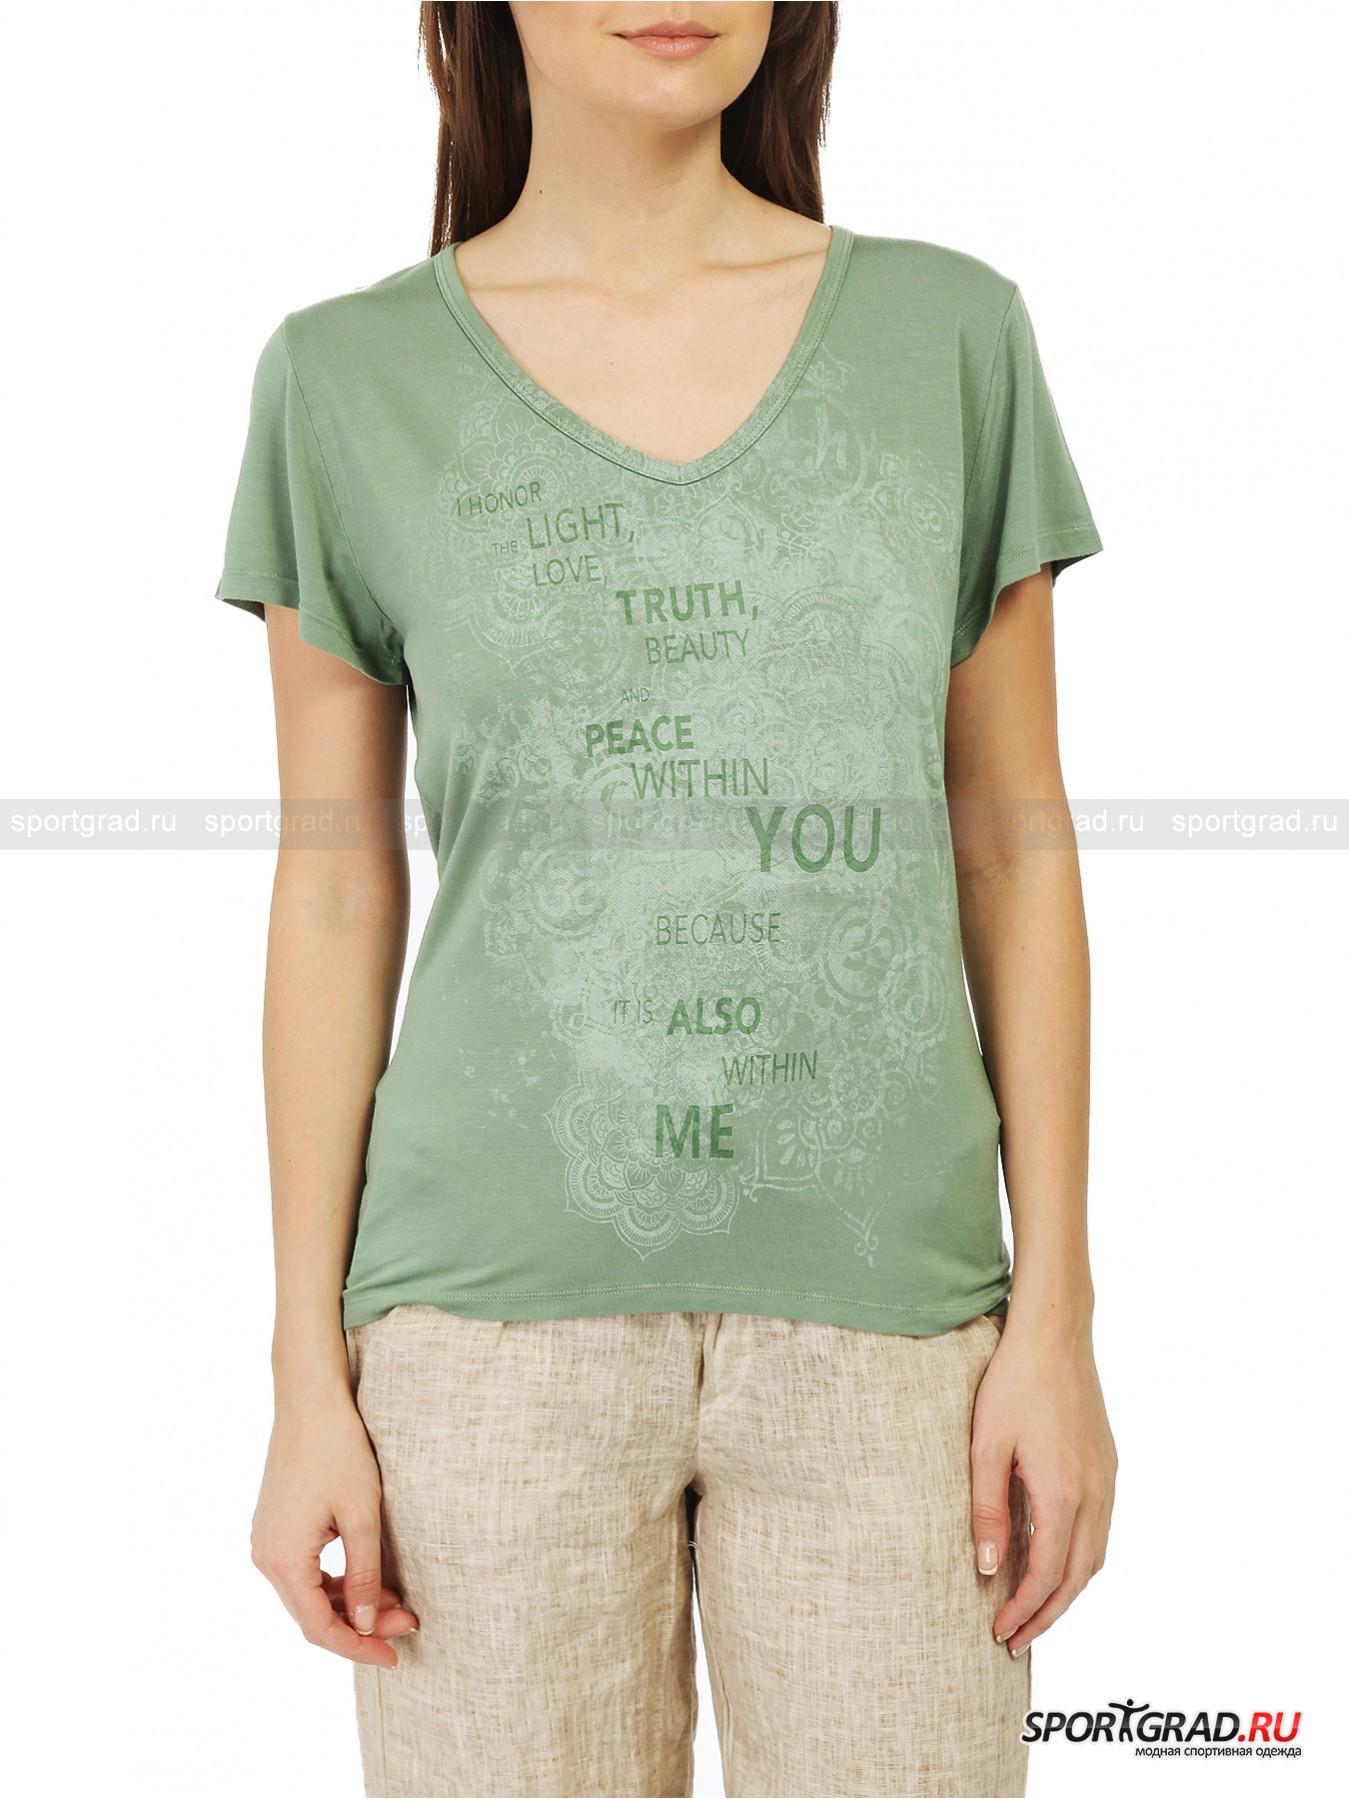 Футболка женская V-nek T-shirt DEHAФутболки<br>Восхитительная футболка V-neck T-shirt Deha идеальна не только для повседневной носки, но также для йоги или пилатеса. Модель выполнена из экологически чистого материала Lenzing Viscose, который отлично тянется во все стороны, не мнется, хорошо впитывает влагу и держит форму, а также оставляет ощущение легкой прохлады даже в жаркую погоду. Внешний вид также на высоте: самый модный цвет сезона, интересный принт, мотивирующая надпись, V-образный вырез. Сзади футболка длиннее, чем спереди, она мягко облегает тело, подчеркивая изгибы, но не обтягивая чрезмерно.<br><br>Пол: Женский<br>Возраст: Взрослый<br>Тип: Футболки<br>Рекомендации по уходу: стирка в теплой воде до 30 С; не отбеливать; гладить слегка нагретым утюгом (температура до 110 C); химическая чистка сухим способом; нельзя выжимать и сушить в стиральной машине<br>Состав: 90% вискоза, 10% эластан